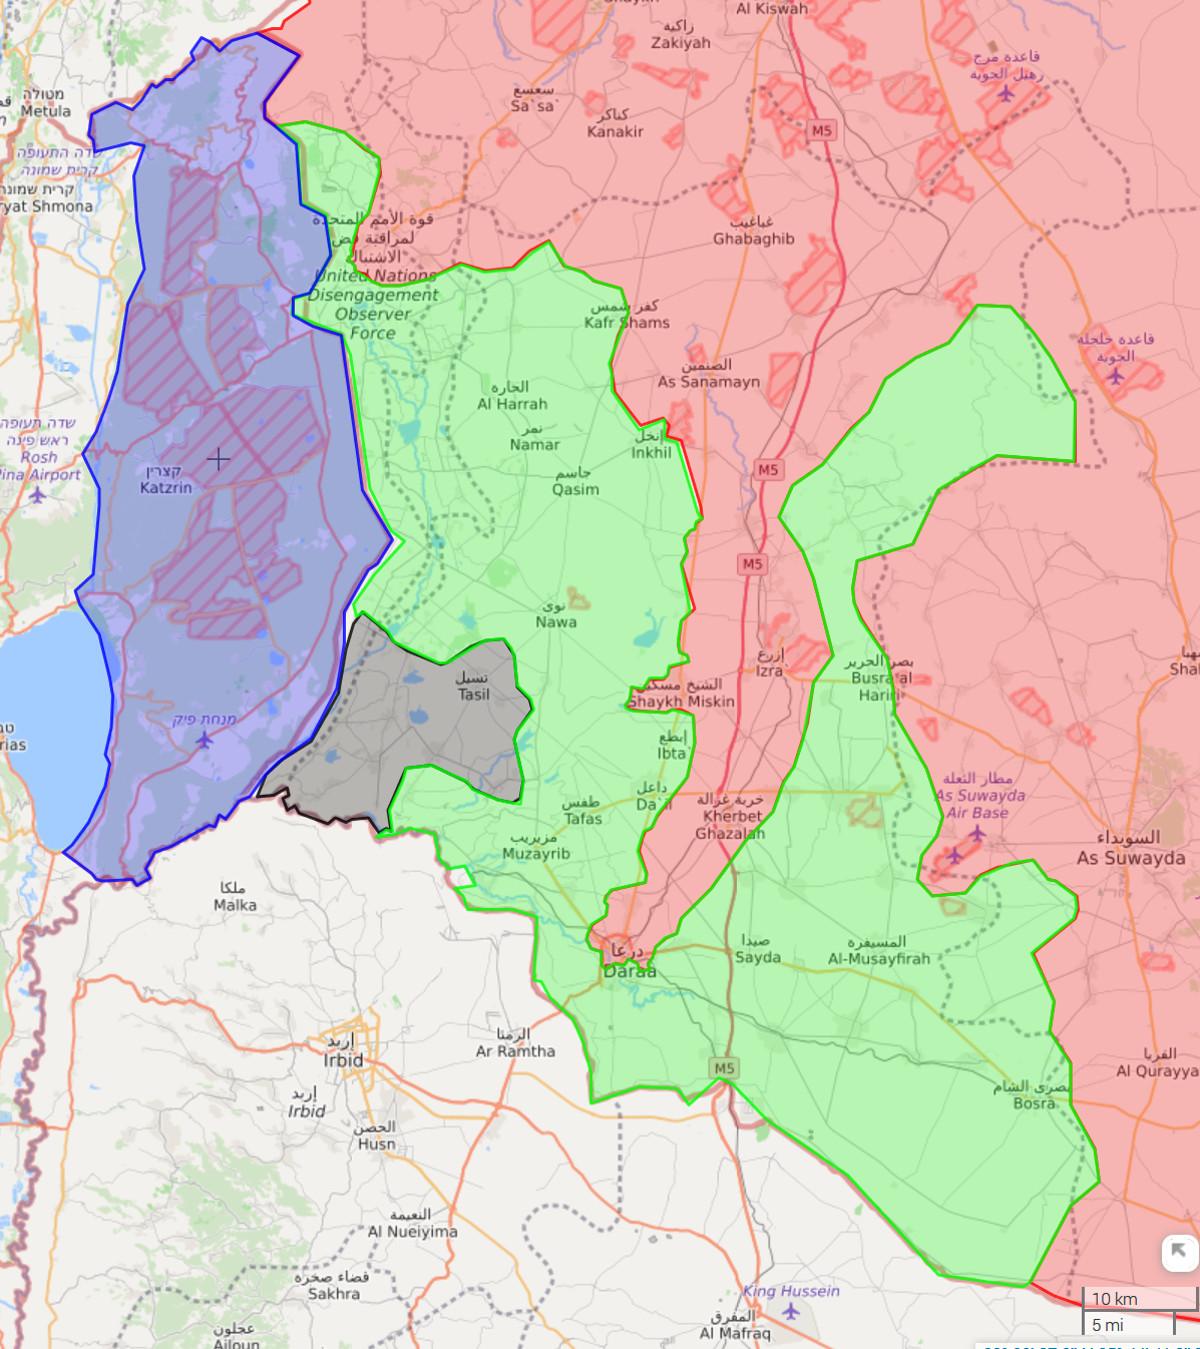 MoA - Syria Sitrep - Army Liberates Daraa City